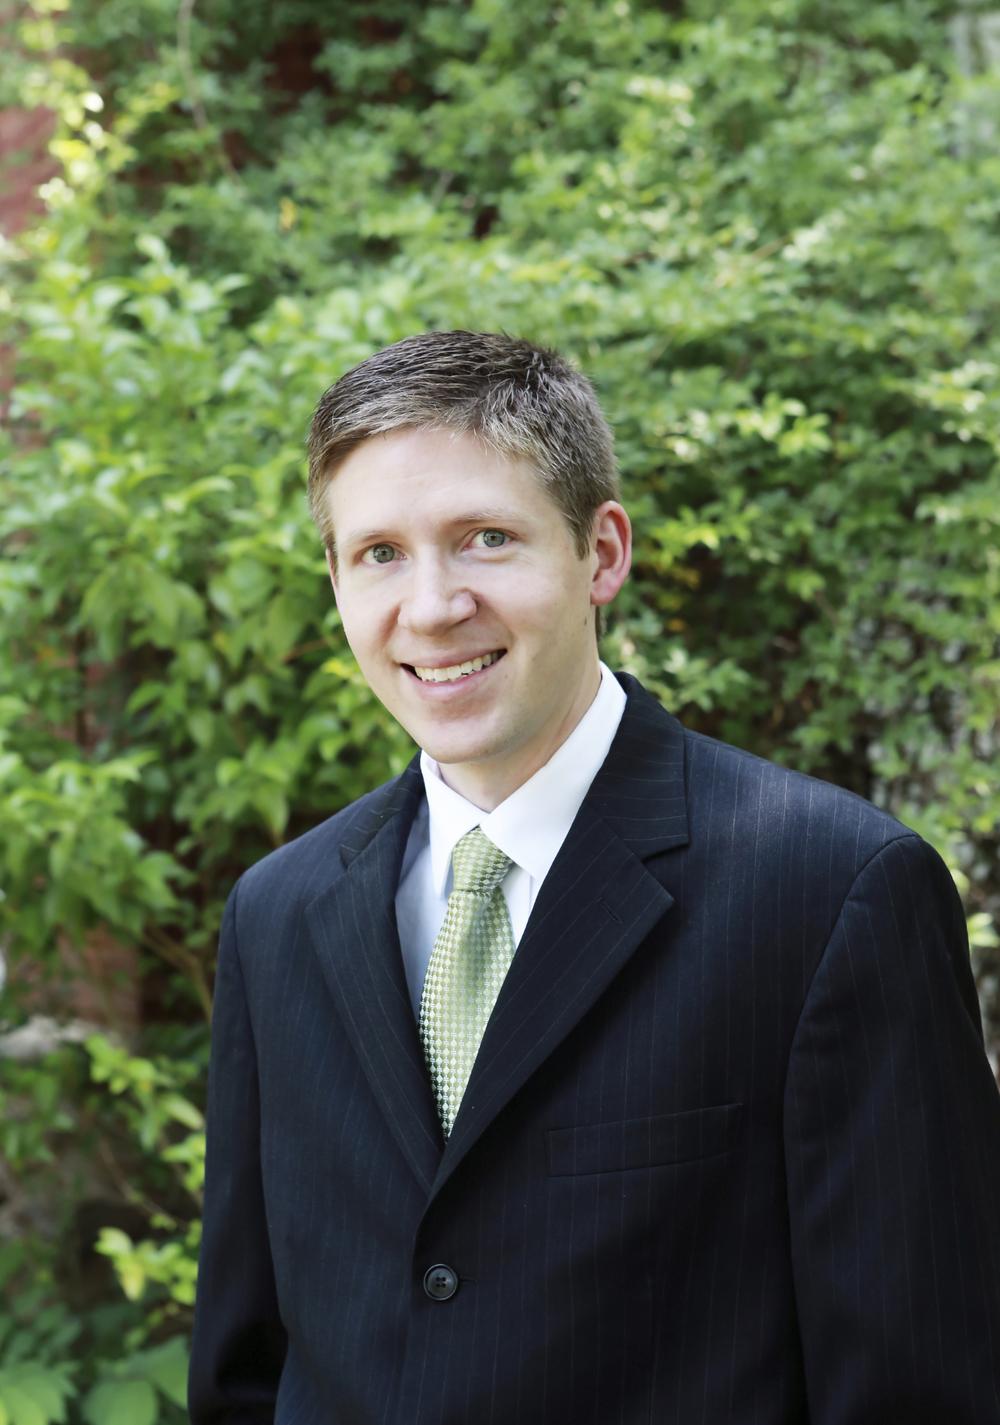 Andrew T. Slawter